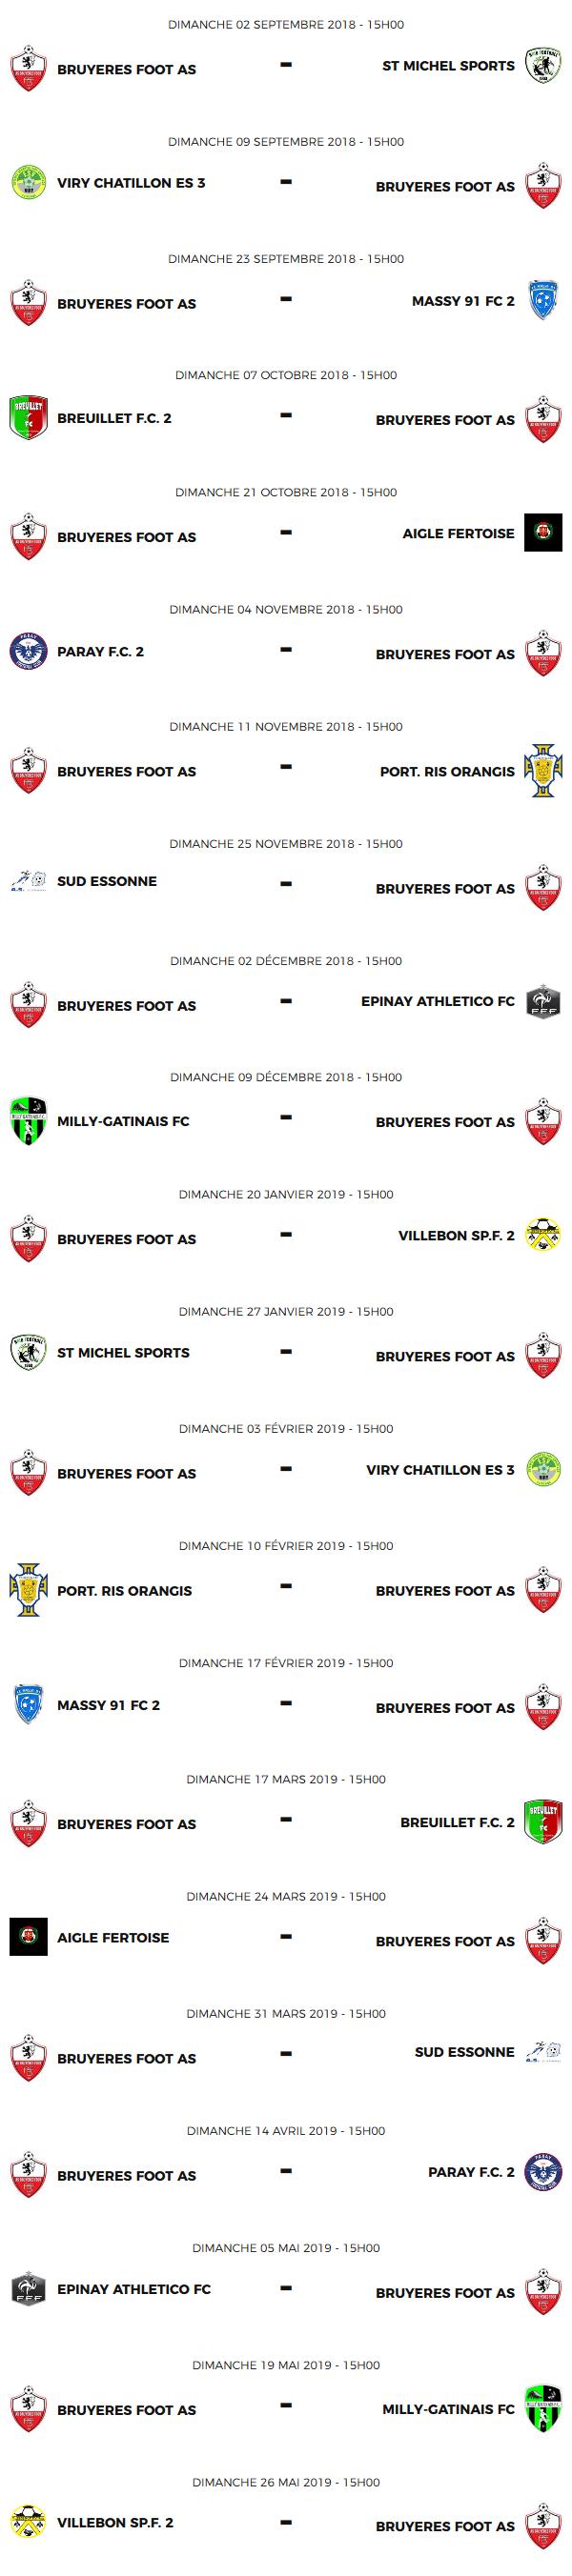 Calendrier Séniors A 2018-2019.png